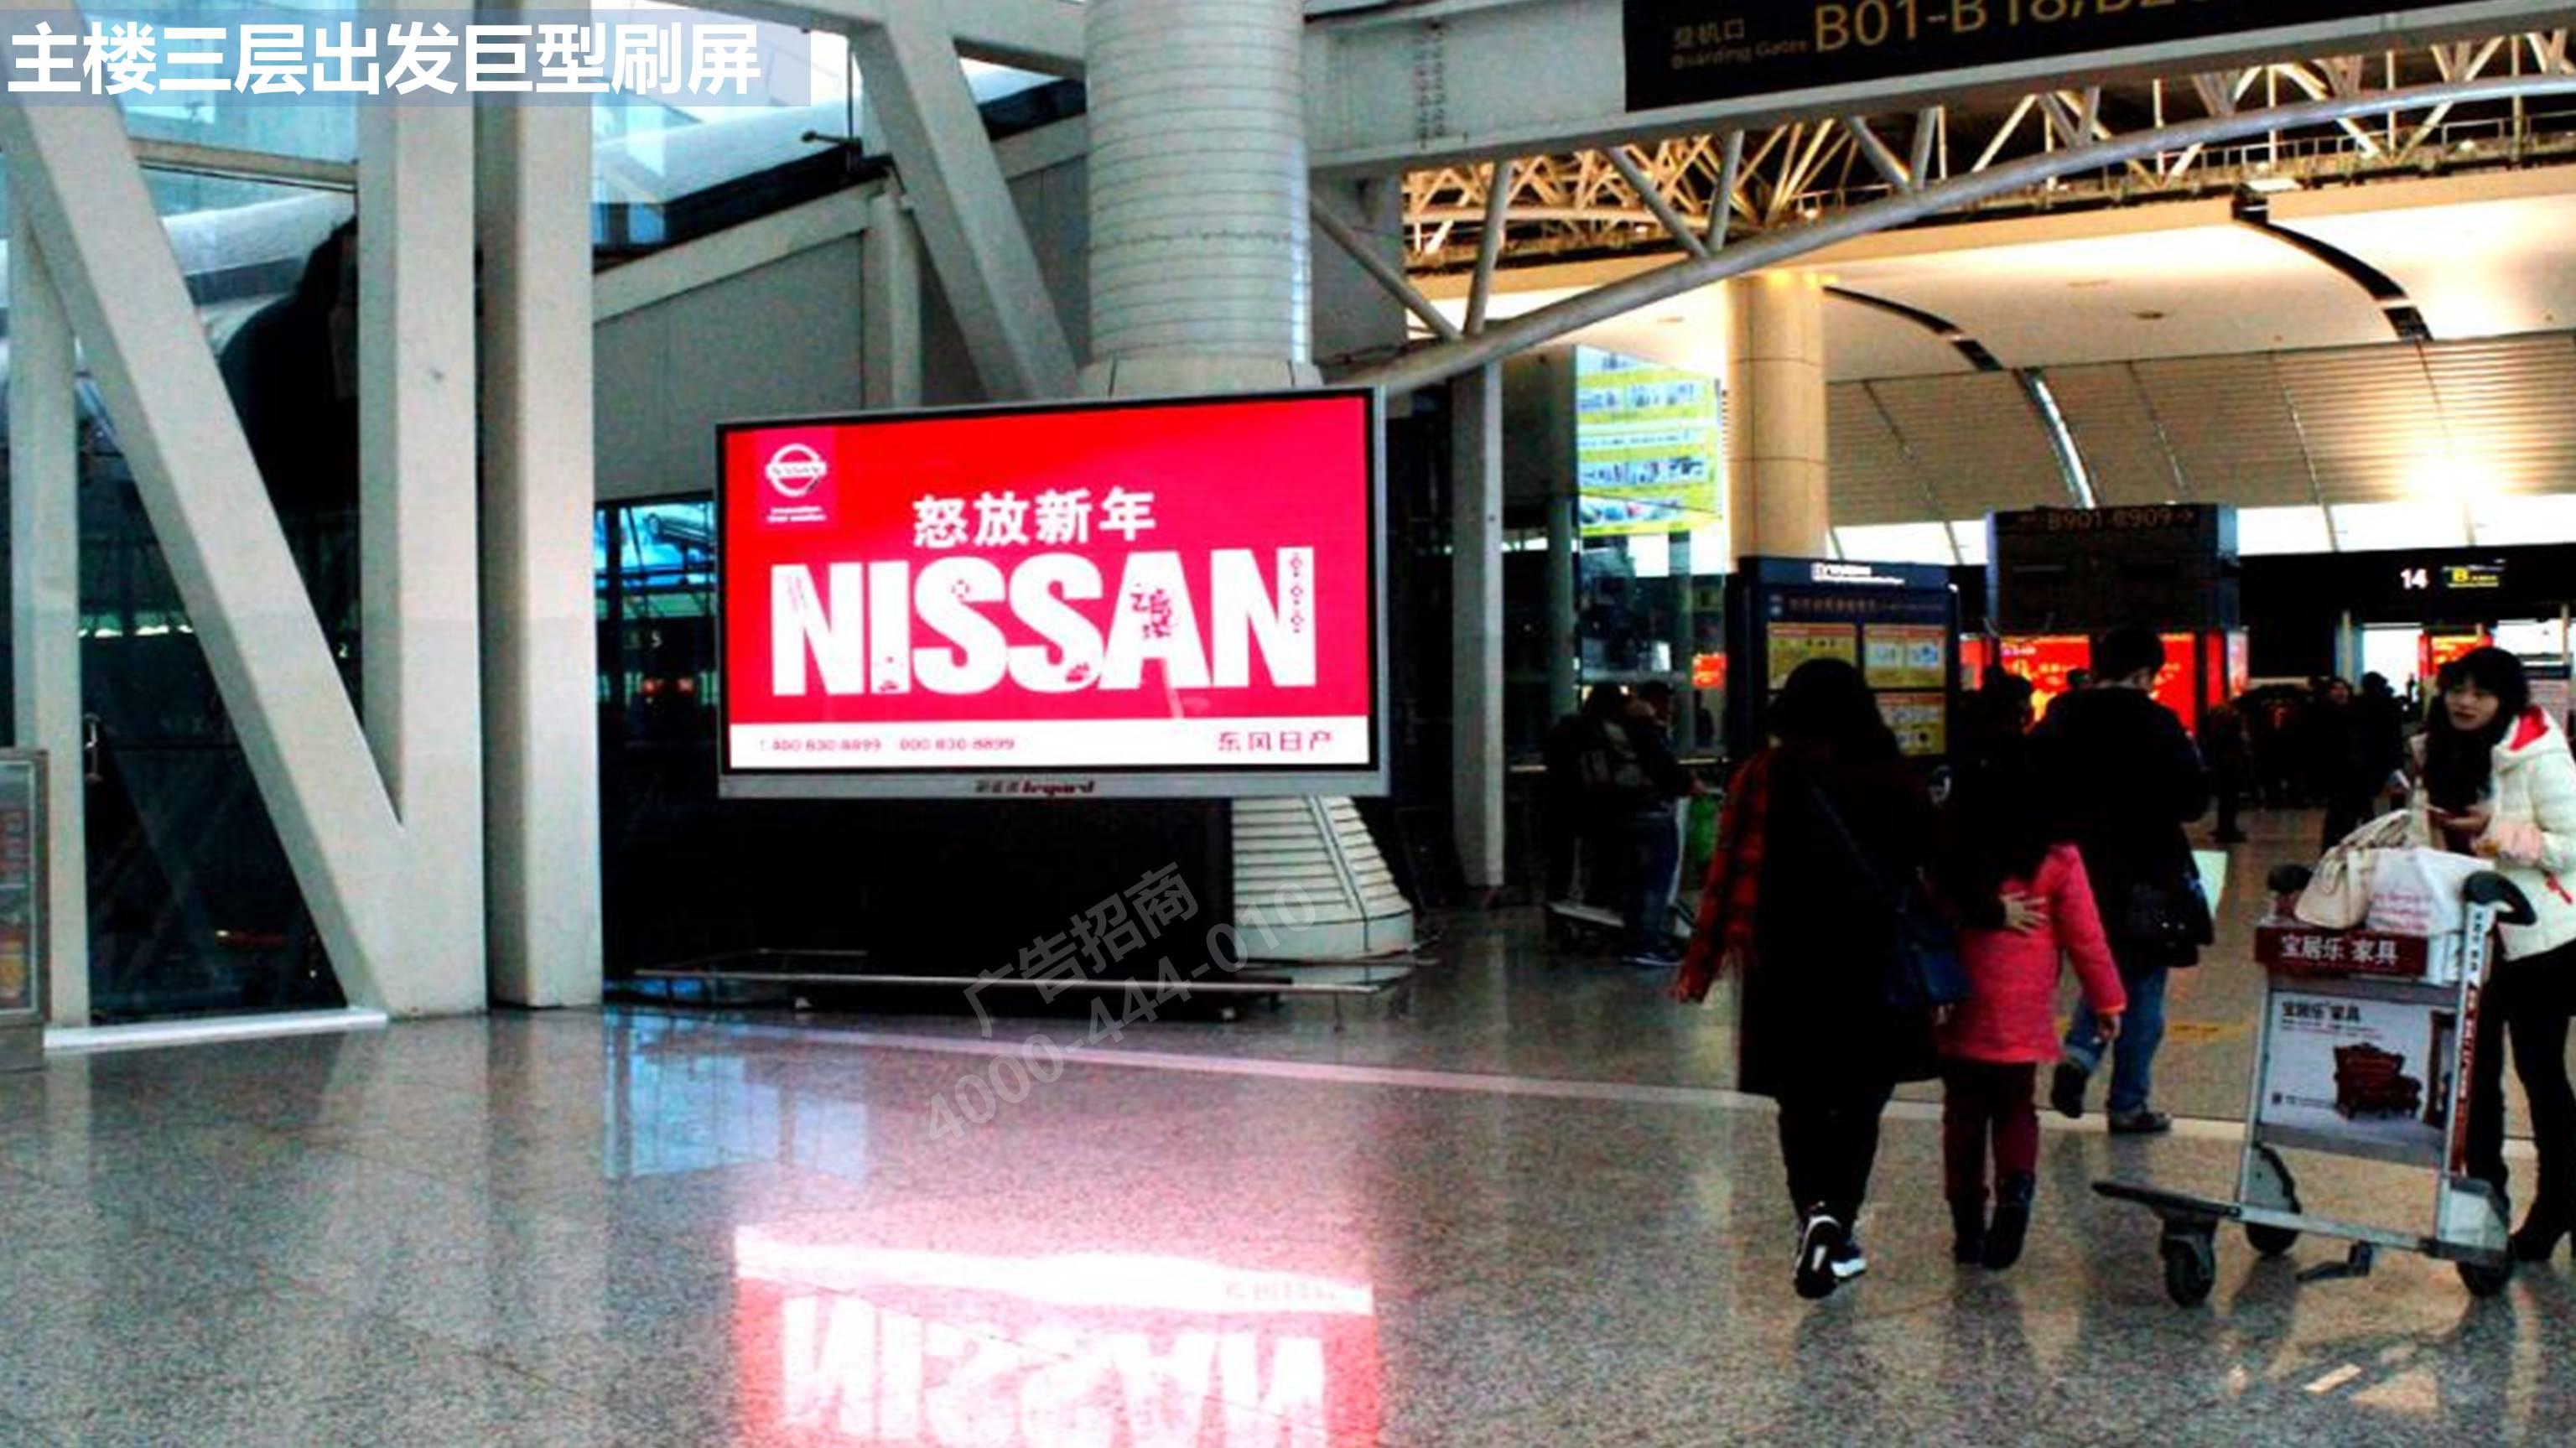 广州机场广告出发到达电视屏幕